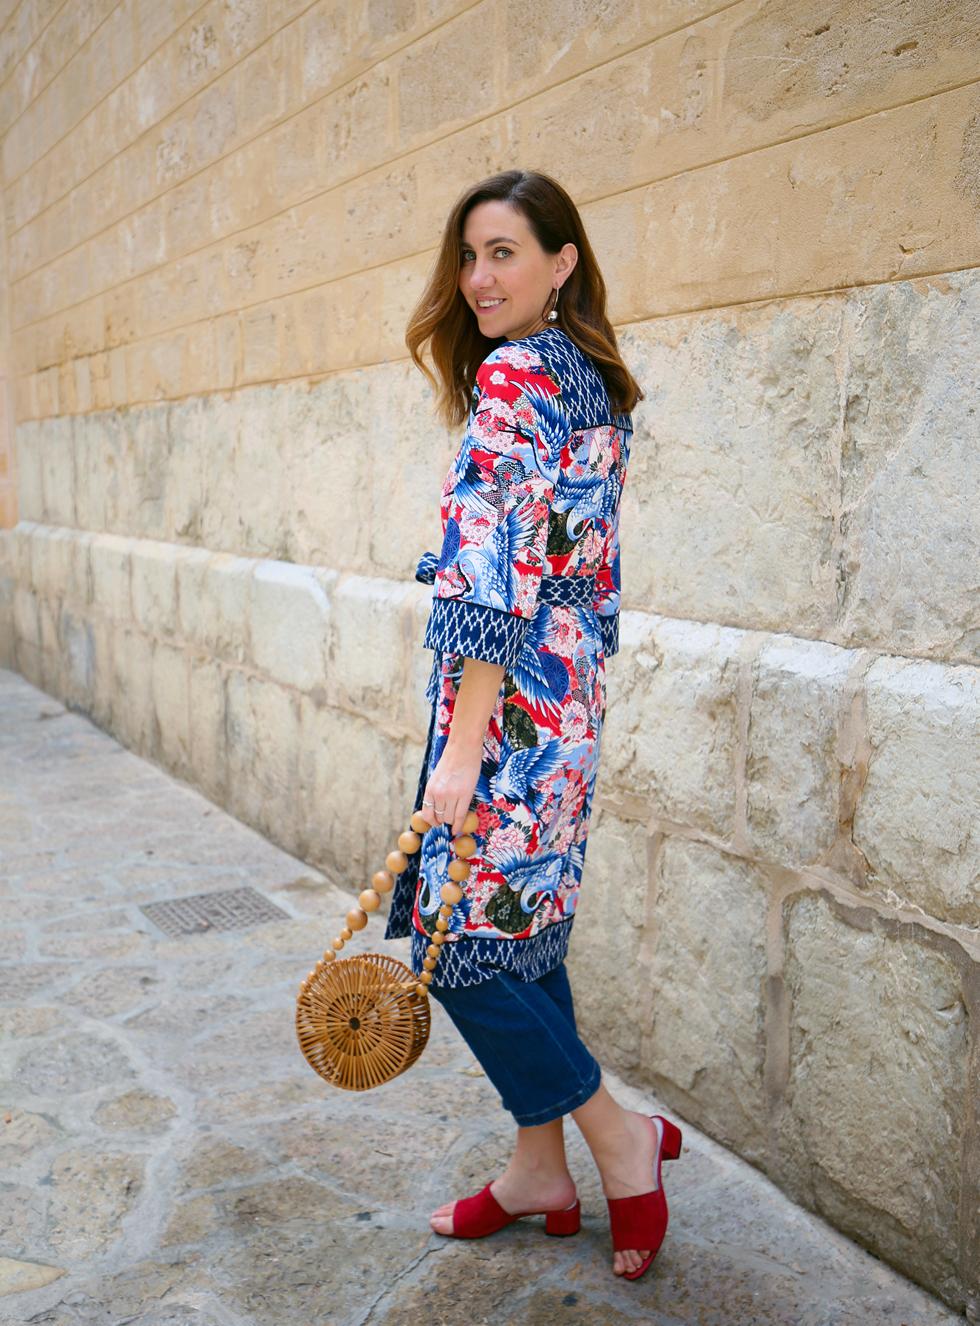 ced7b709c5f6 Sen tycker jag att det är supersnyggt att bära matchande set, och kunde  därför inte motstå den här kjolen i omlottmodell tillsammans med en topp  med ...